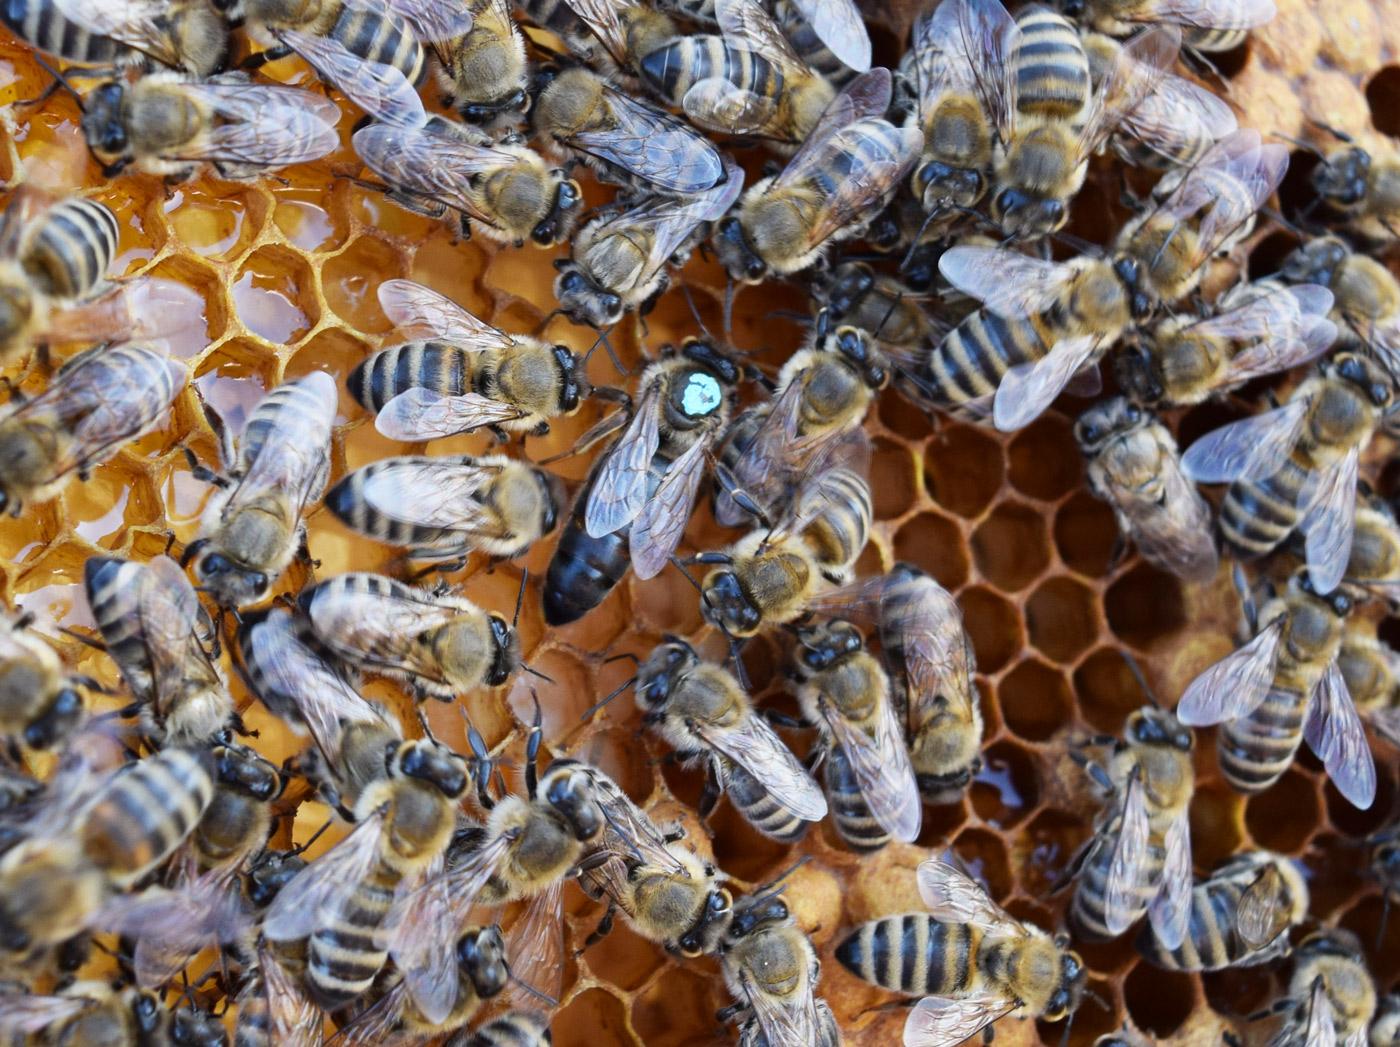 سلالات نحل العسل الاسود الاوروبي و الافريقي